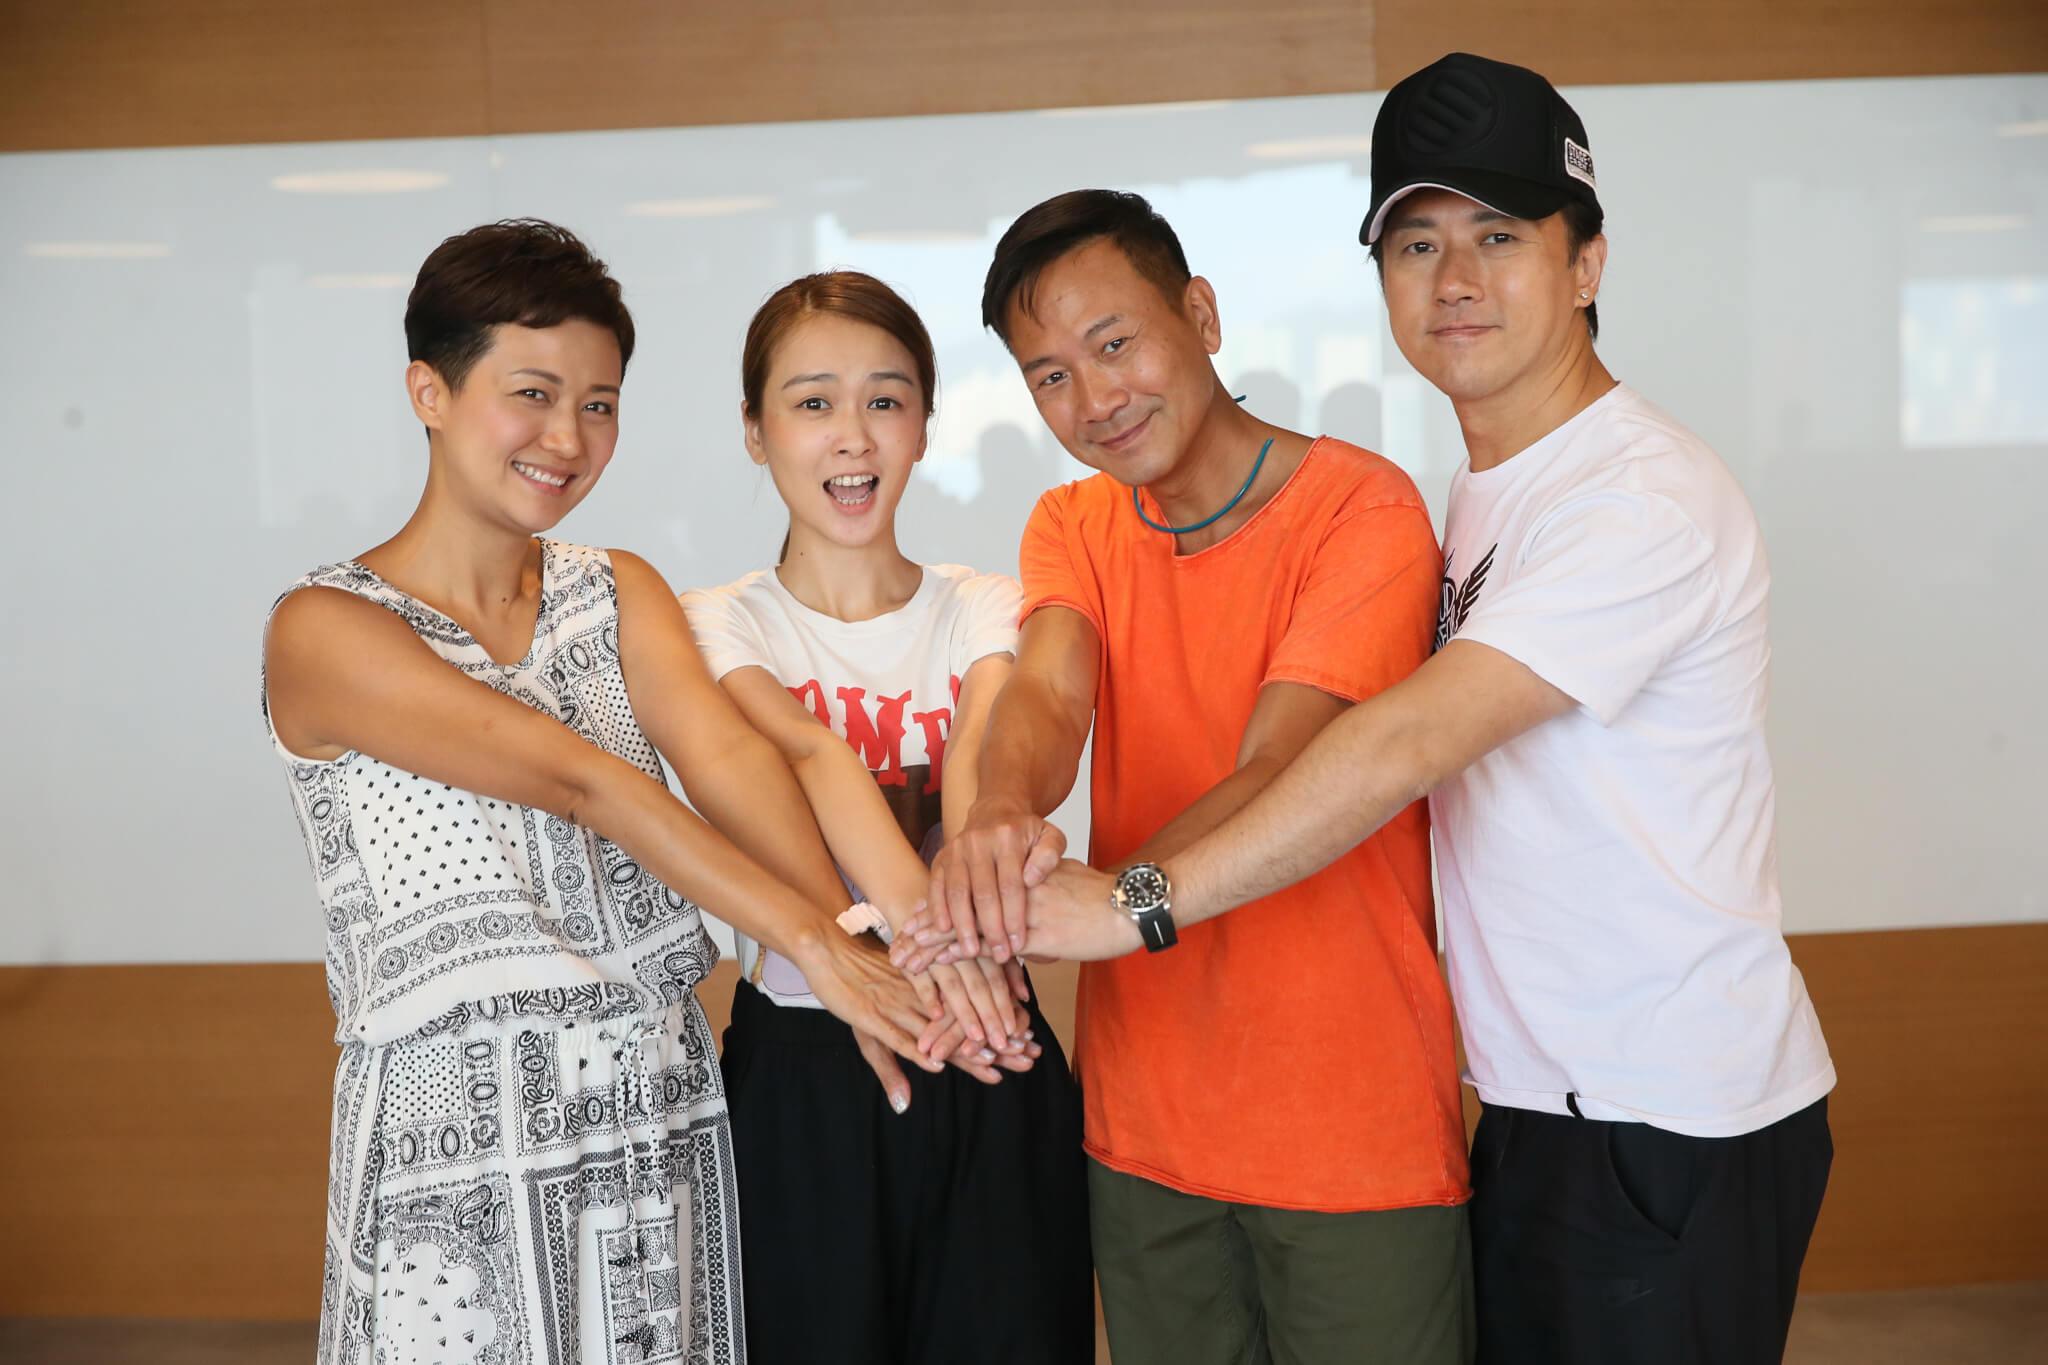 張紋嘉除了在劇中飾演陳國邦和羅敏莊長大後的女兒外,更演唱不少劇中歌曲。